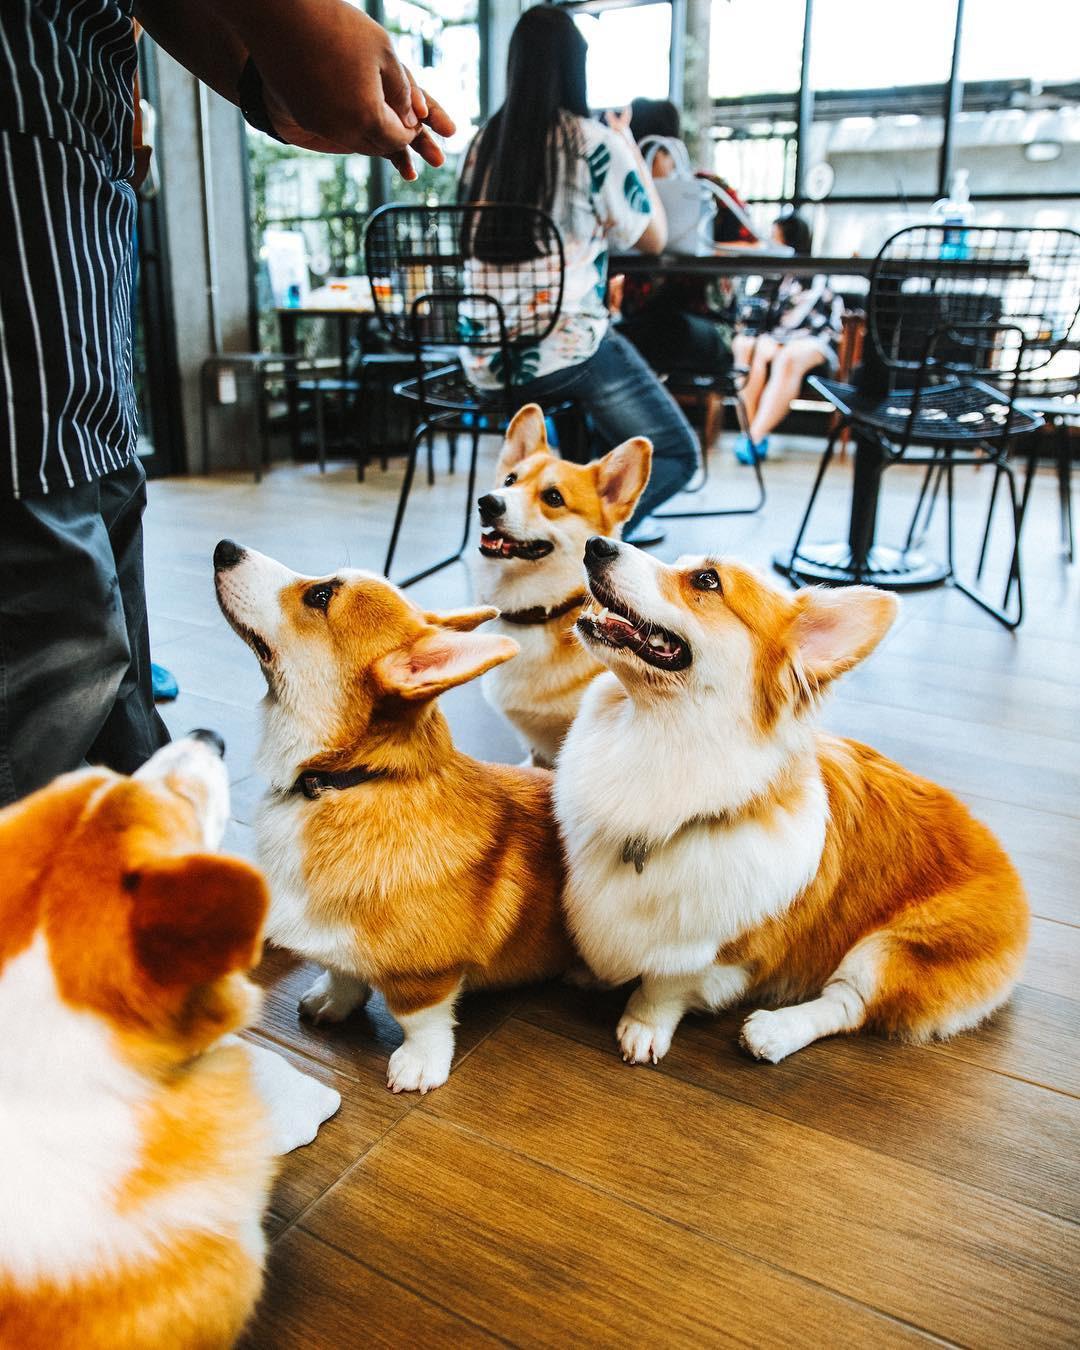 Siêu cấp dễ thương: Quán cà phê chó corgi nổi tiếng nhất Bangkok khiến dân tình phát sốt, con nào con nấy cũng ú nu ú nần - Ảnh 13.